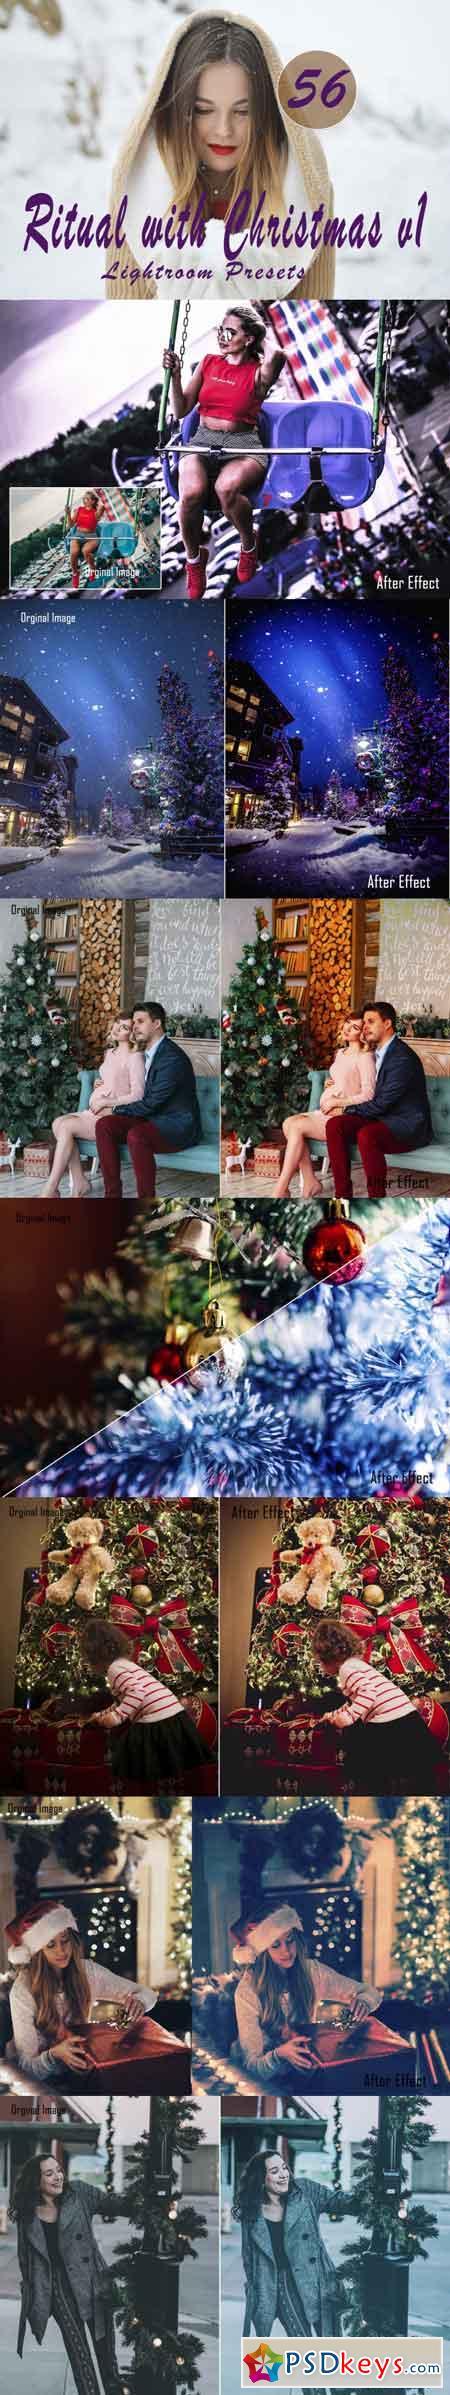 Ritual with Christmas v.1 Lightroom Presets